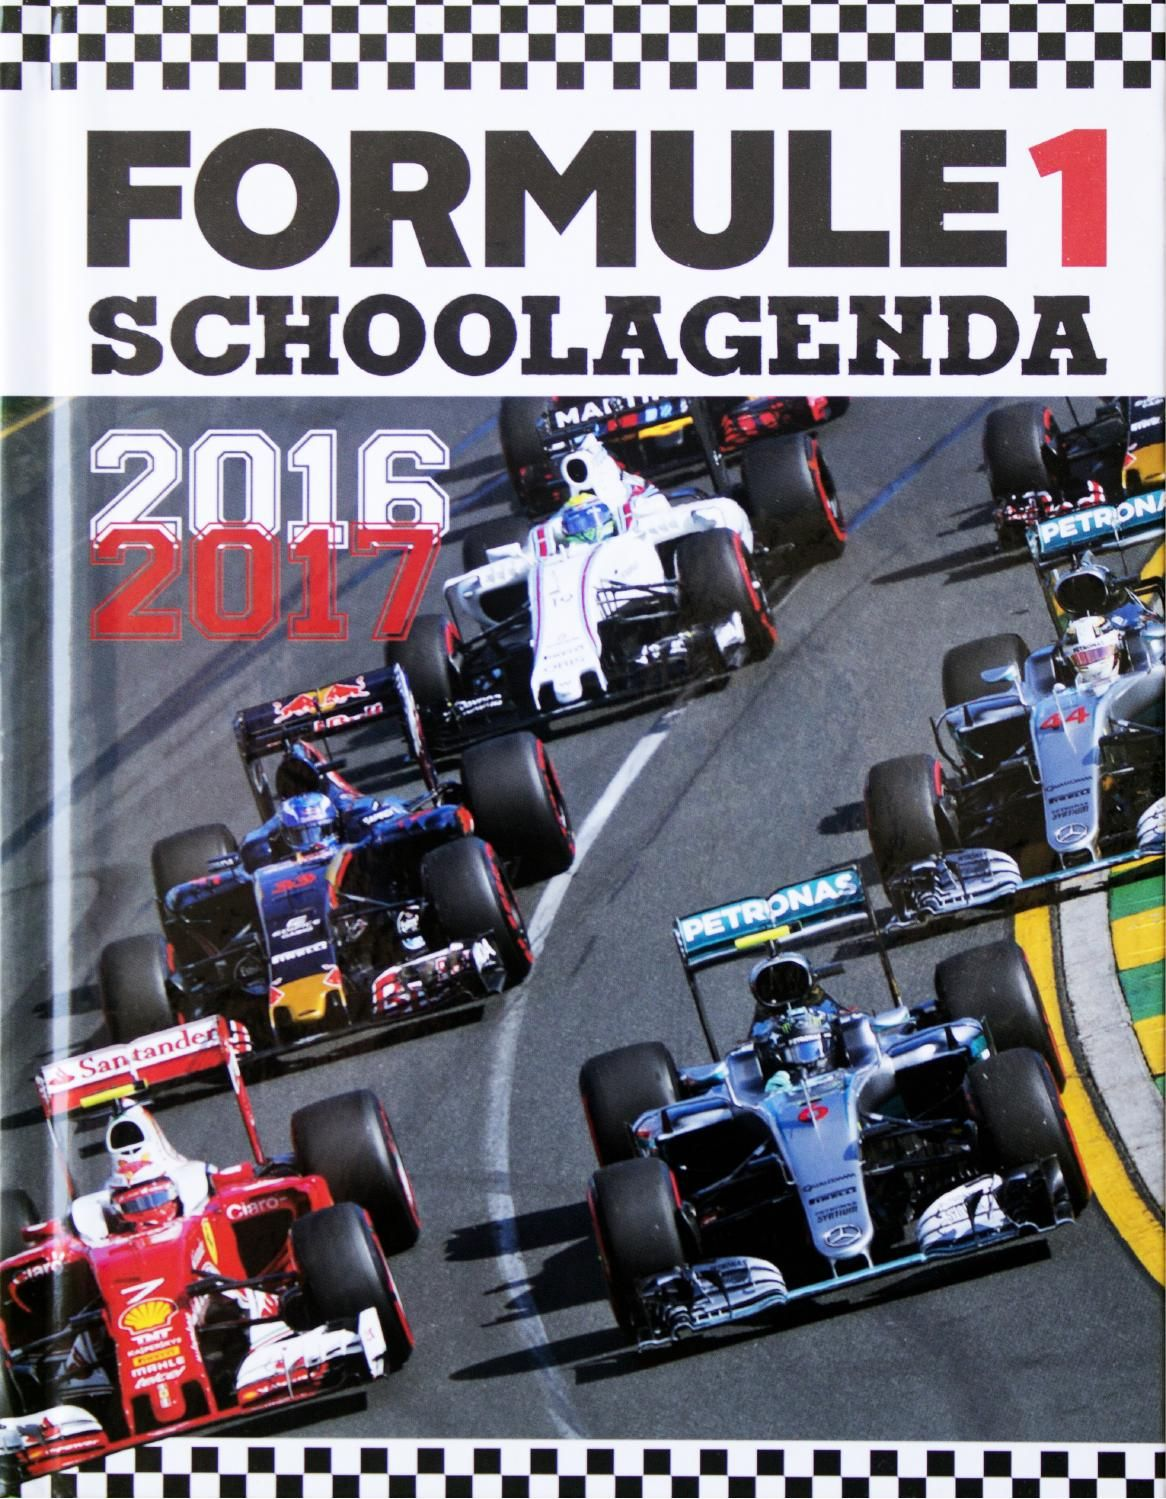 Morgen, de grand Prix van Spanje, is het Red Bull-debuut van Max Verstappen. Het Circuit de Catalunya telt negen rechterbochten en zeven linkerbochten. Max heeft 66 ronden de tijd om zijn visitekaartje af te geven en de wereld te laten zien dat het een terechte keuze is geweest van Red Bull om hem dit stoeltje te geven. Max, heel veel succes! Race Zondag 15 mei, 14.00 uur. De uitslag kun je invullen in de Formule 1 Schoolagenda 2016-2017. Klik op het cover en blader alvast door de agenda.